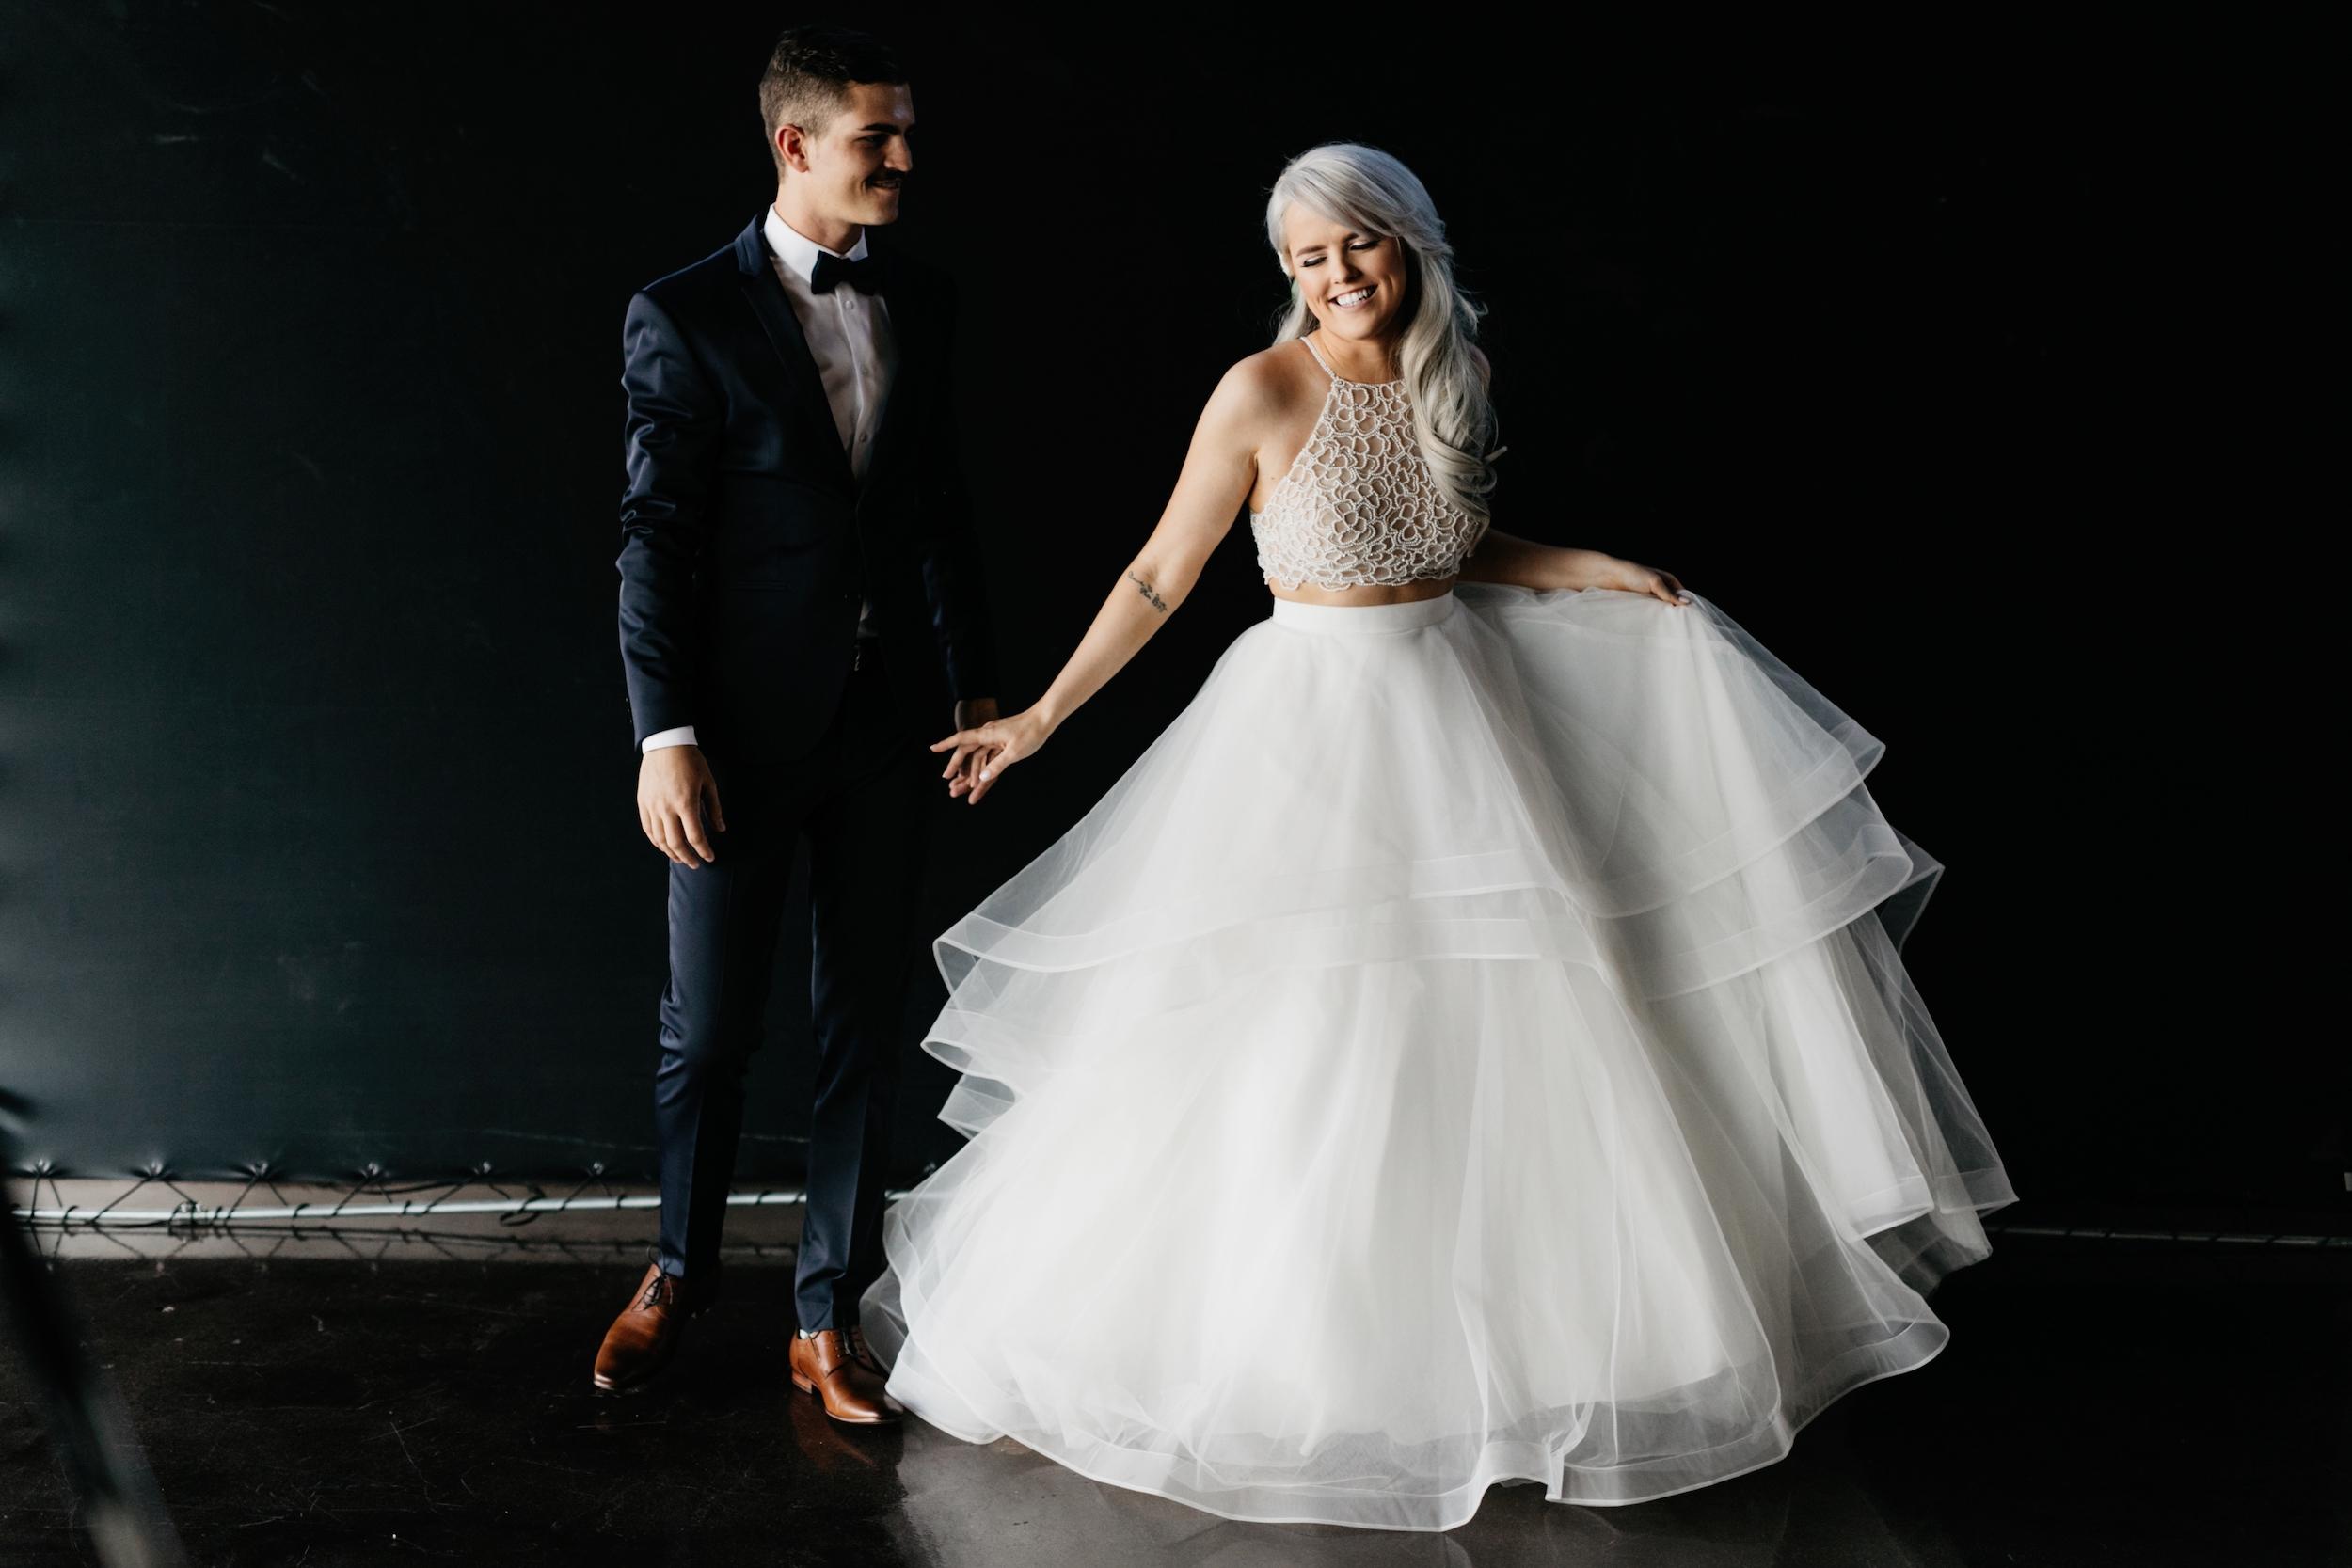 arizona - wedding - photography 01264.jpg